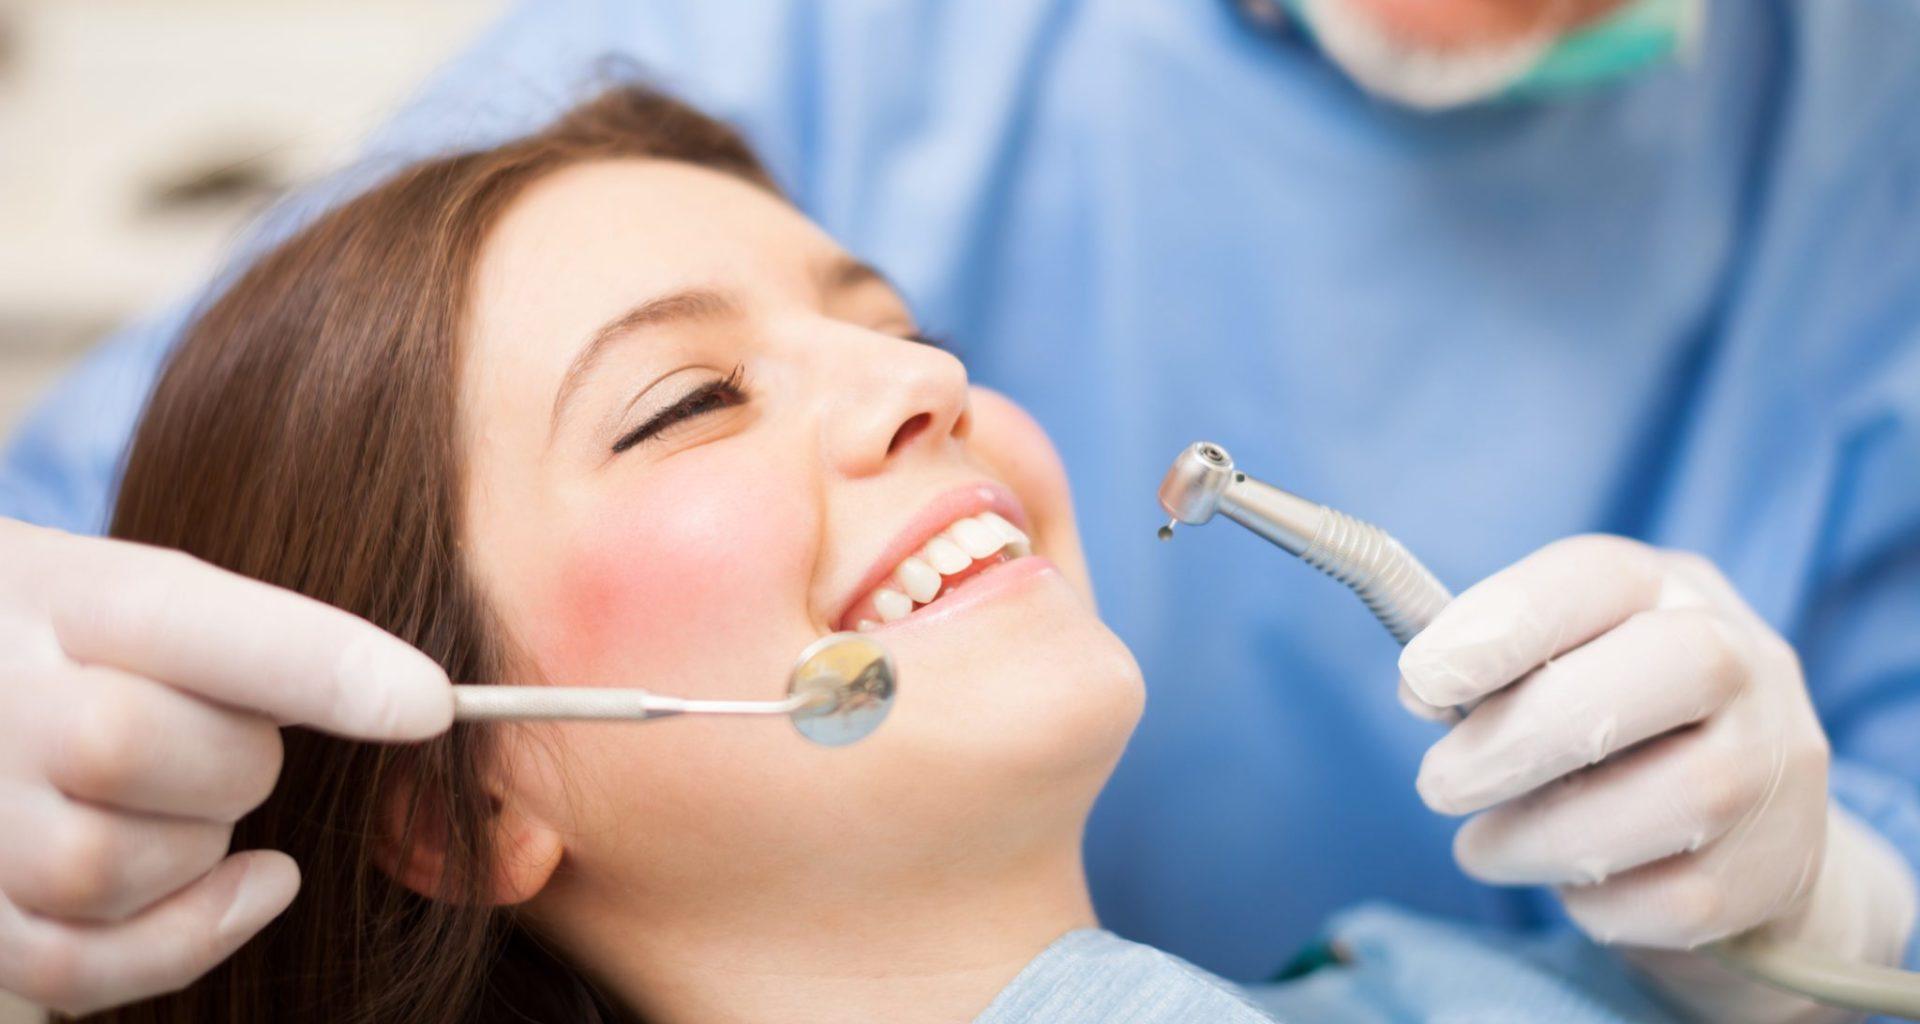 Идеальная улыбка: понятие эстетики в современной стоматологии